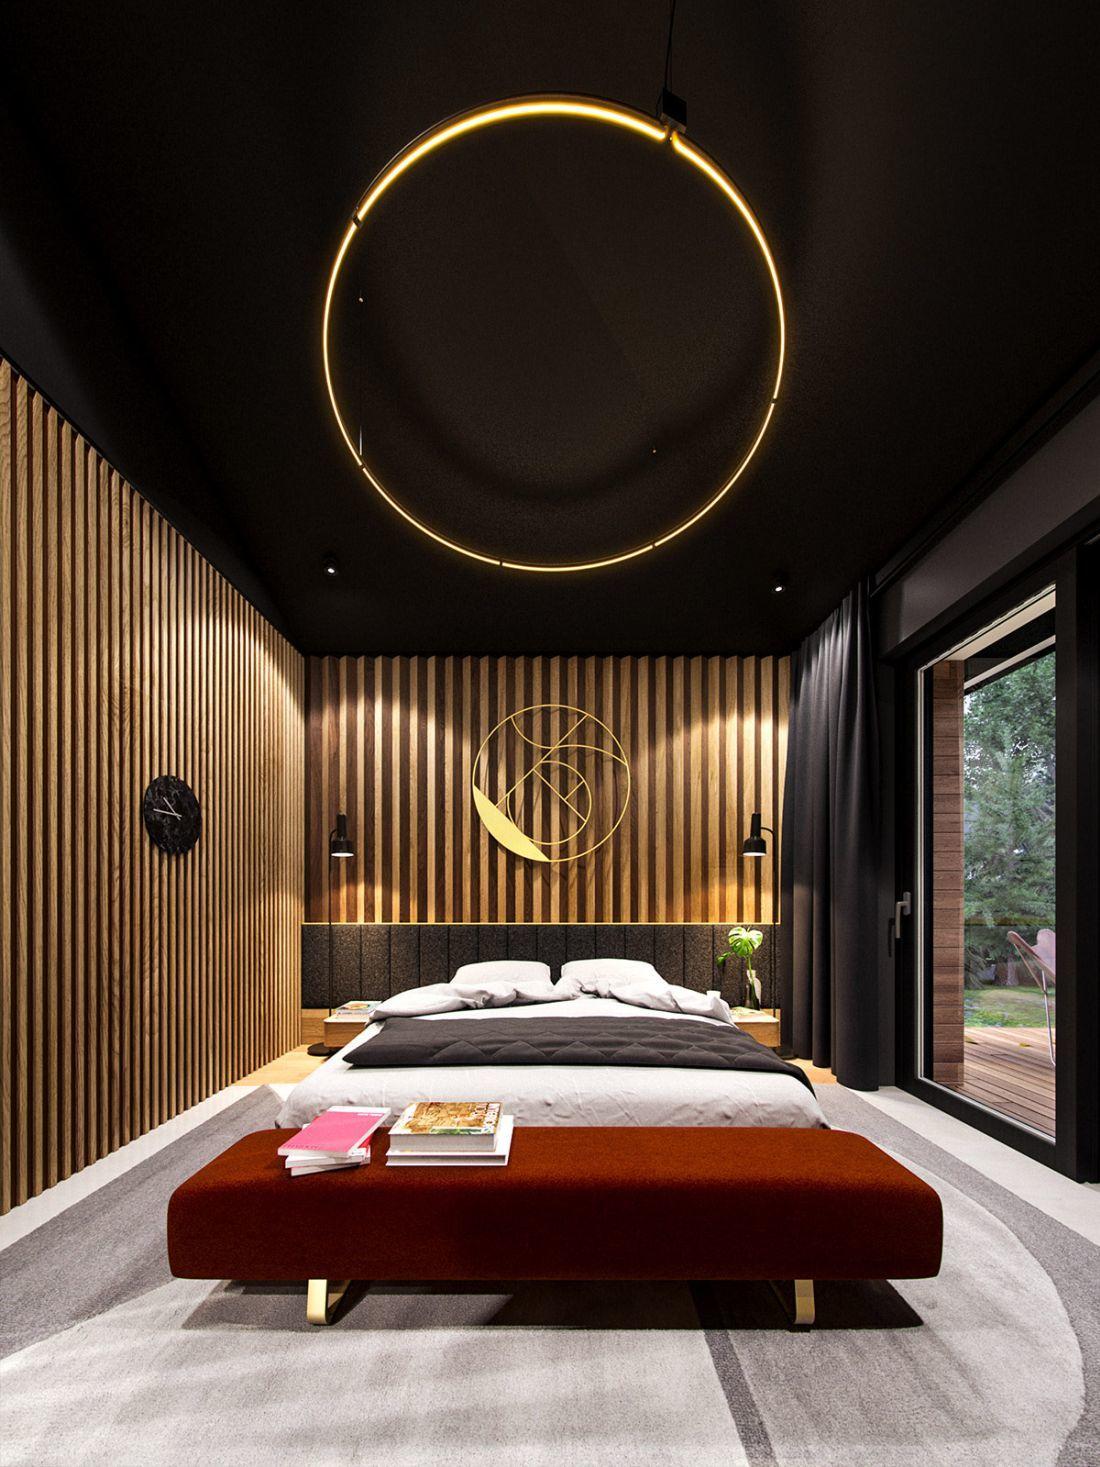 Az egyedi faburkolat a hálószobában is folytatódik